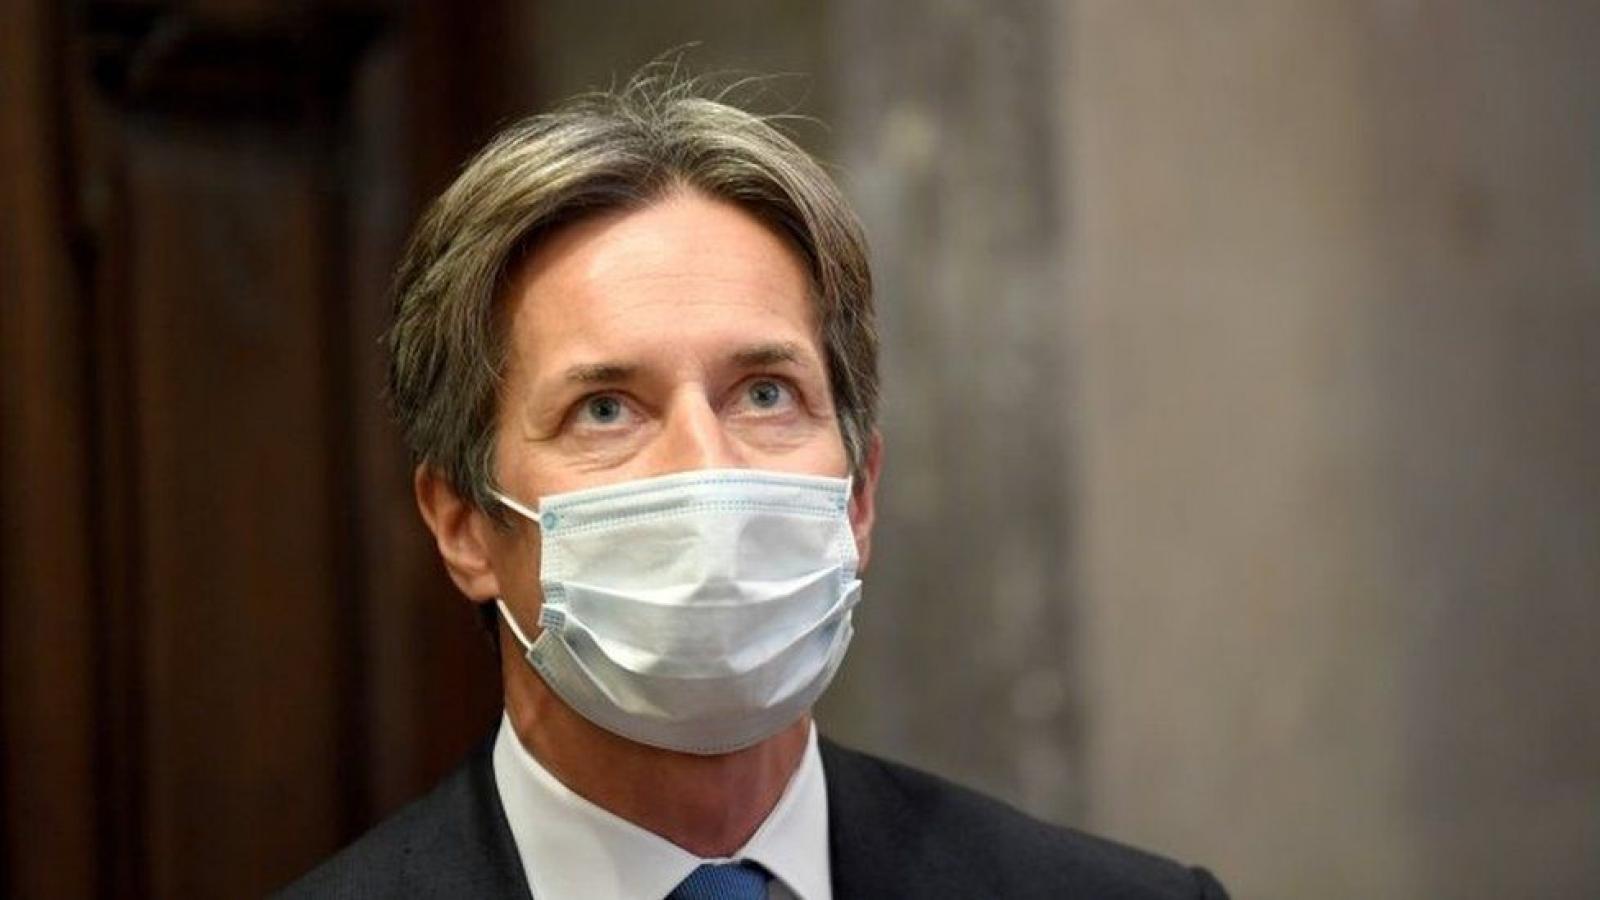 Cựu Bộ trưởng tài chính Áo bị kết án 8 năm tù bê bối tham nhũng